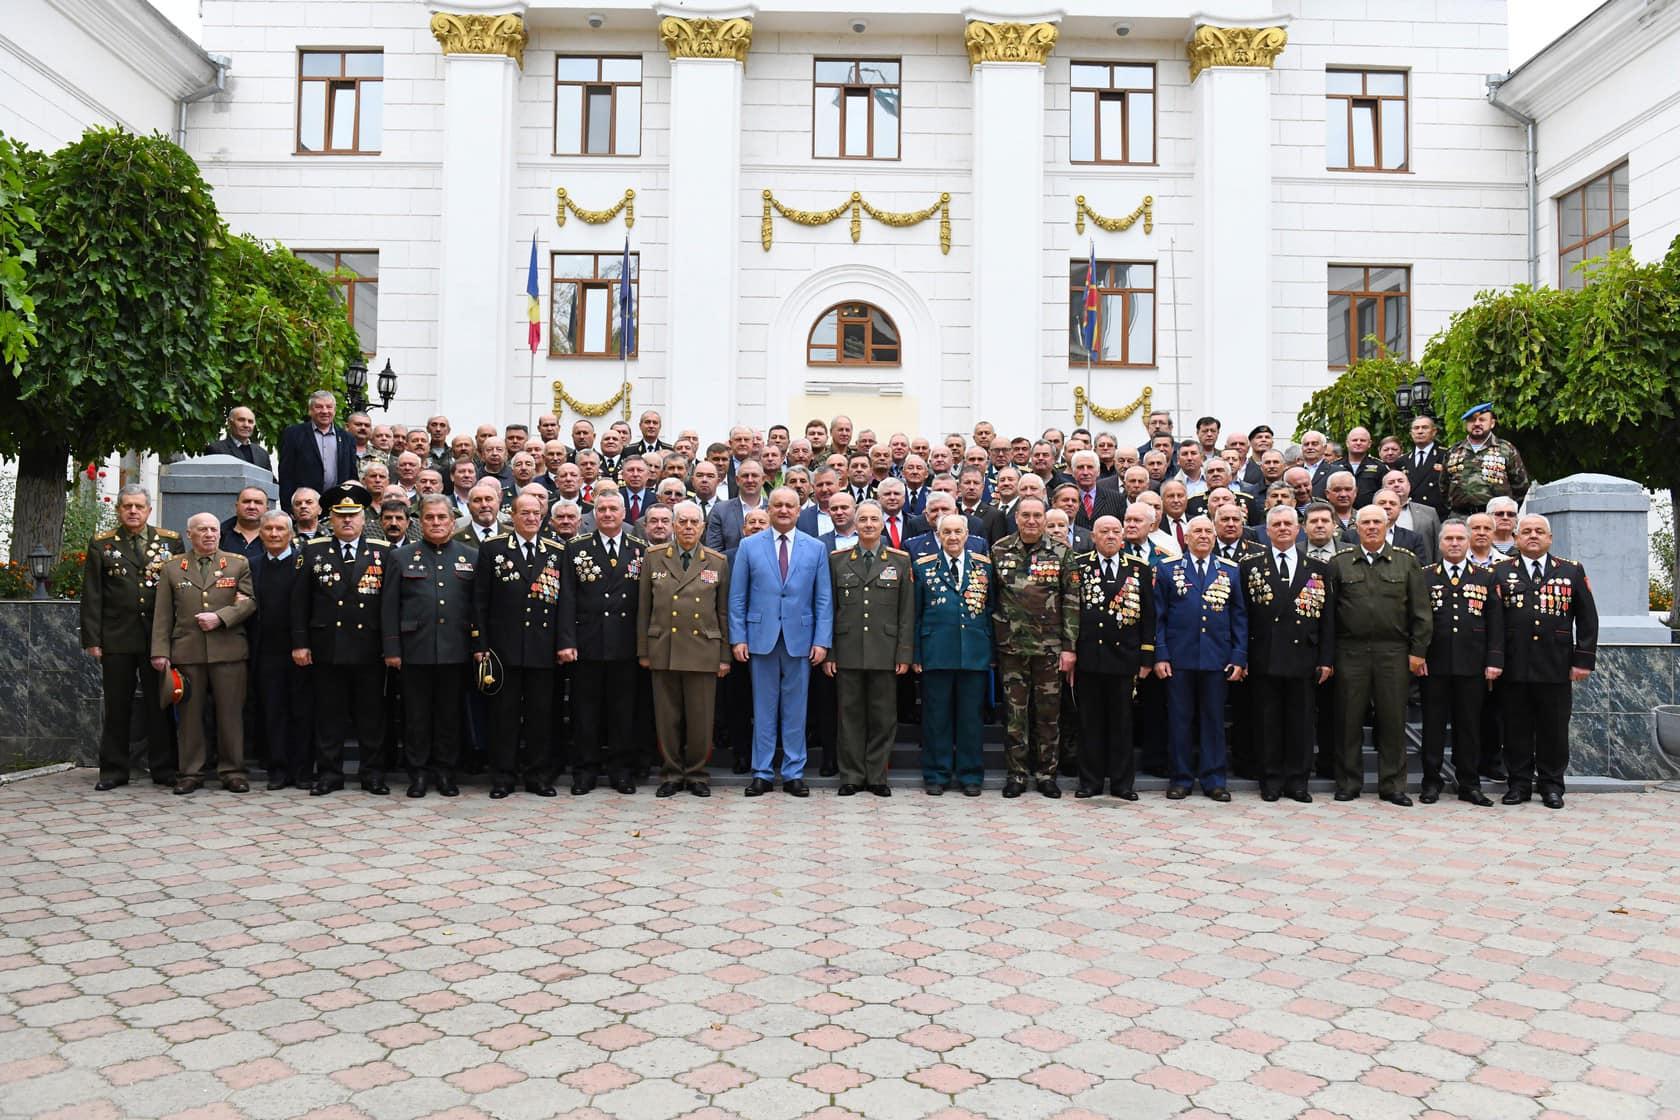 Додон: Все отставные и действующие офицеры служат опорой нашего государства, являясь его истинными патриотами и хранителями! (ФОТО, ВИДЕО)